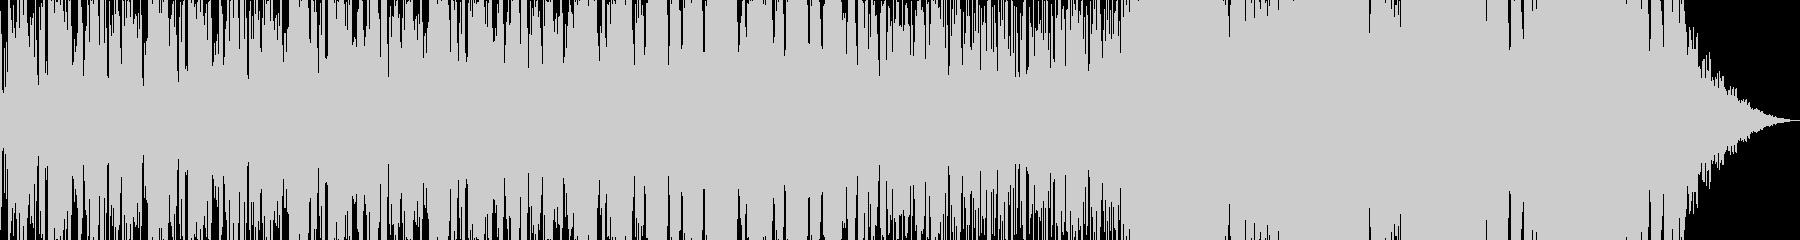 浮遊感のある民族音楽風エレクトロニカの未再生の波形